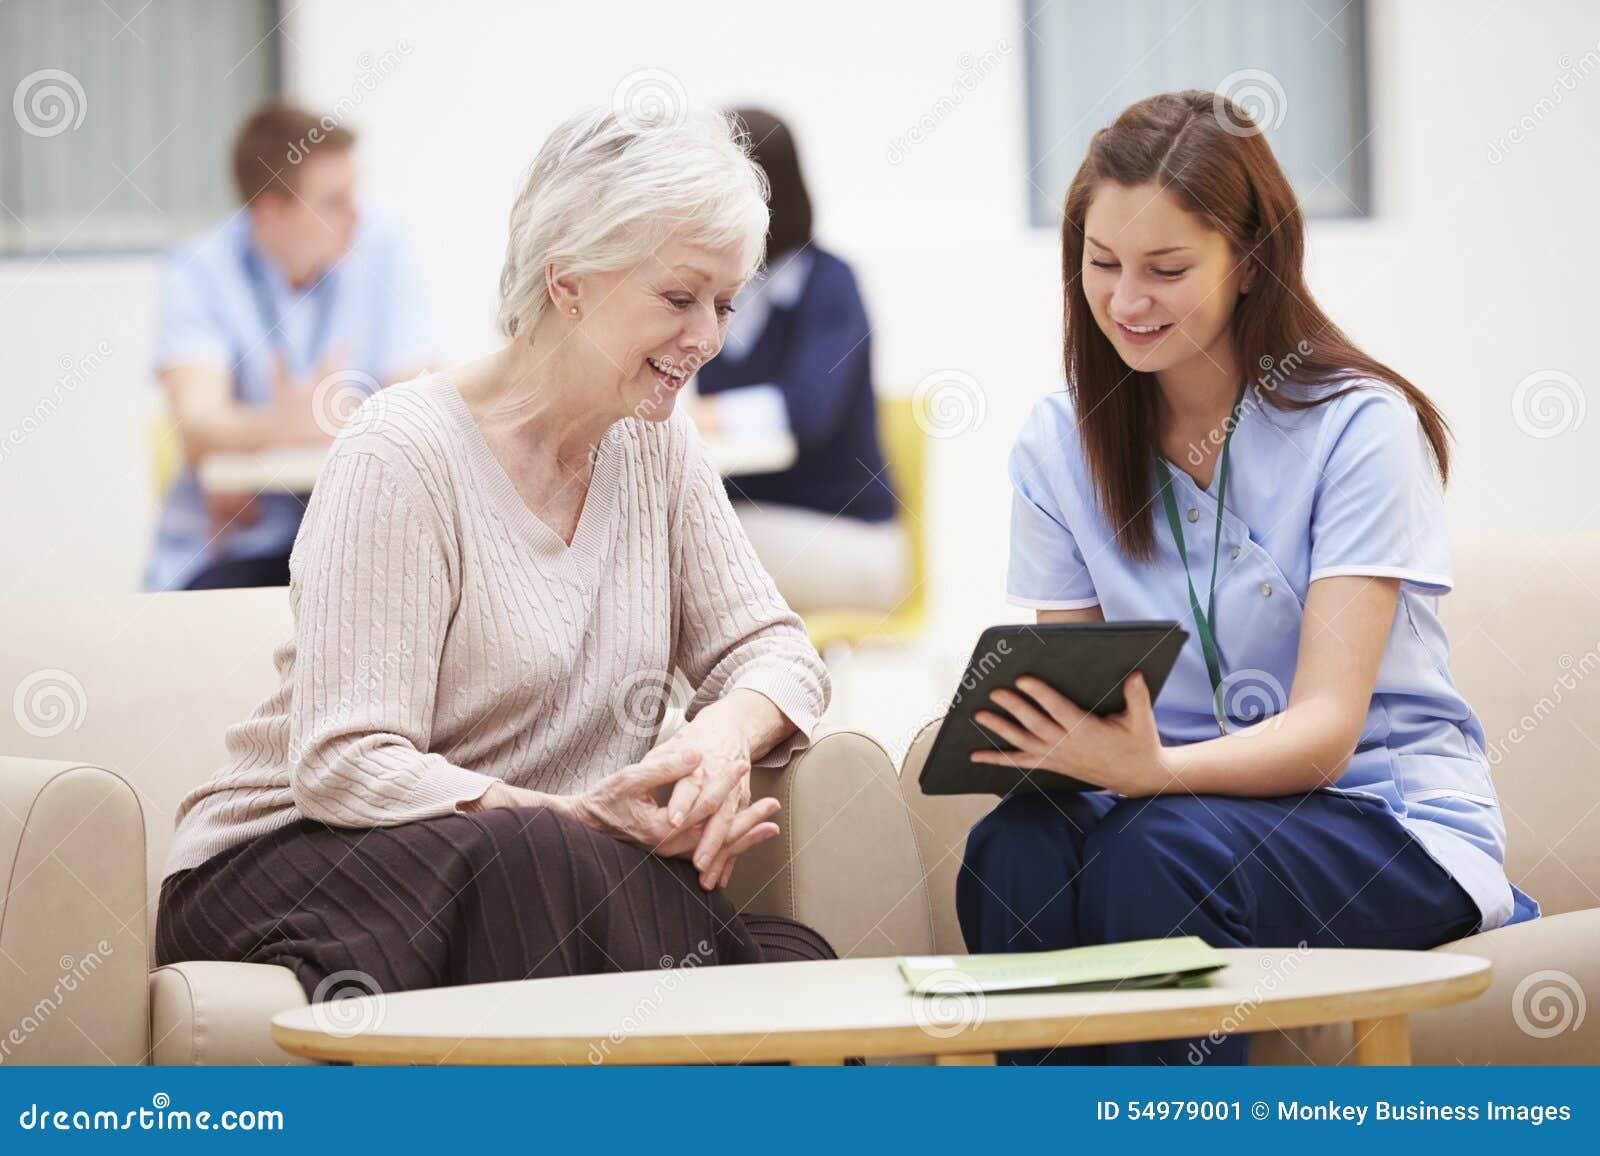 Hög kvinna som diskuterar provresultat med sjuksköterskan